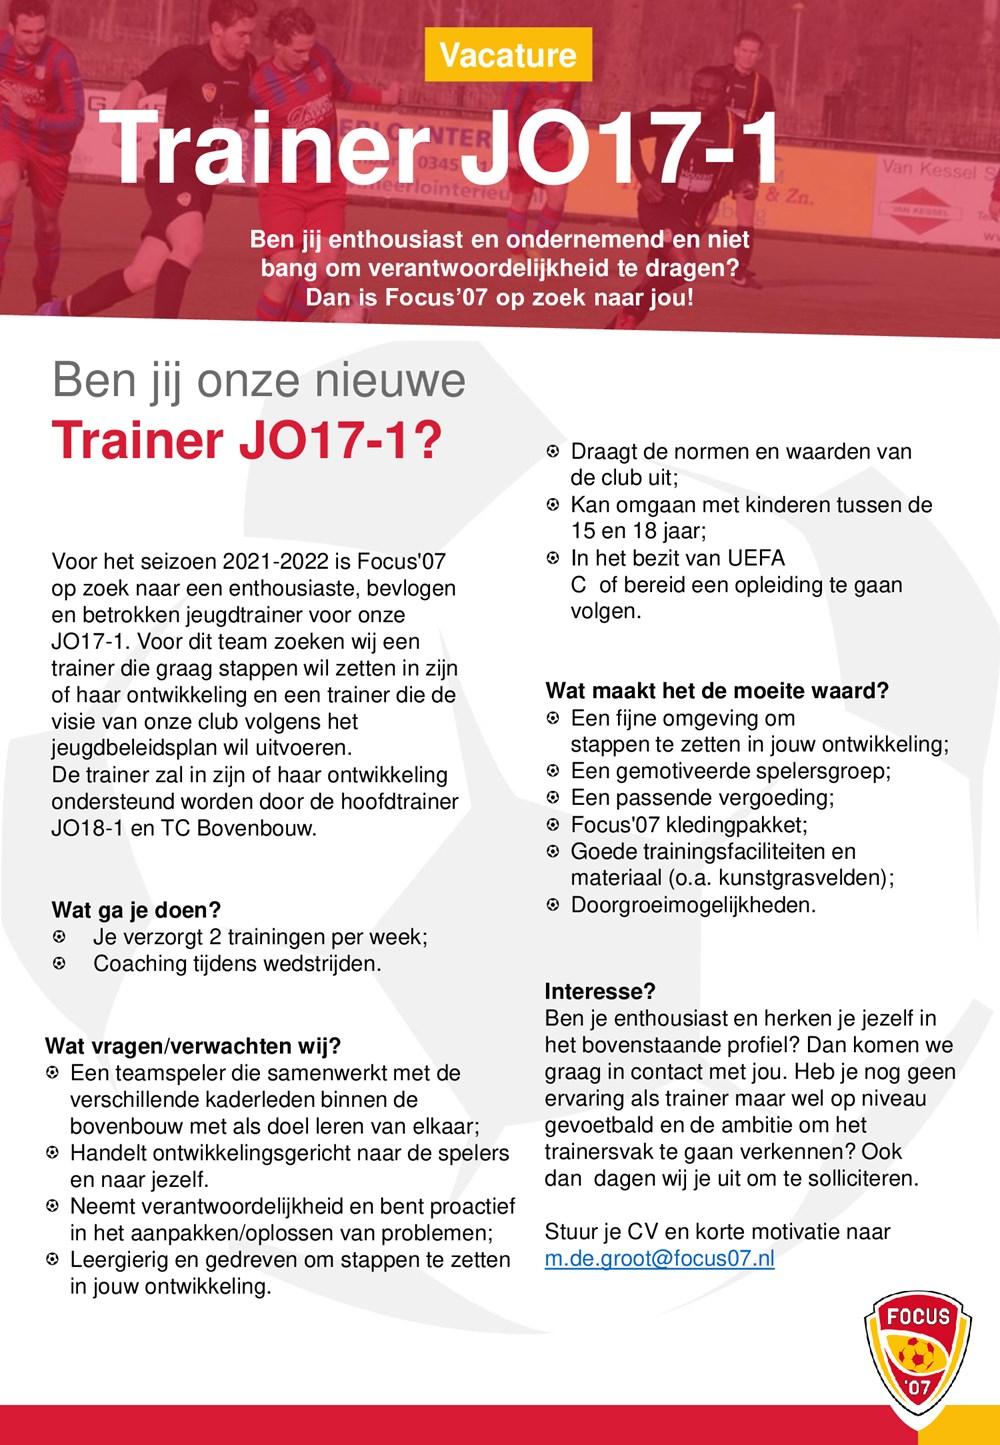 Vacature-trainer-JO17-1.jpg